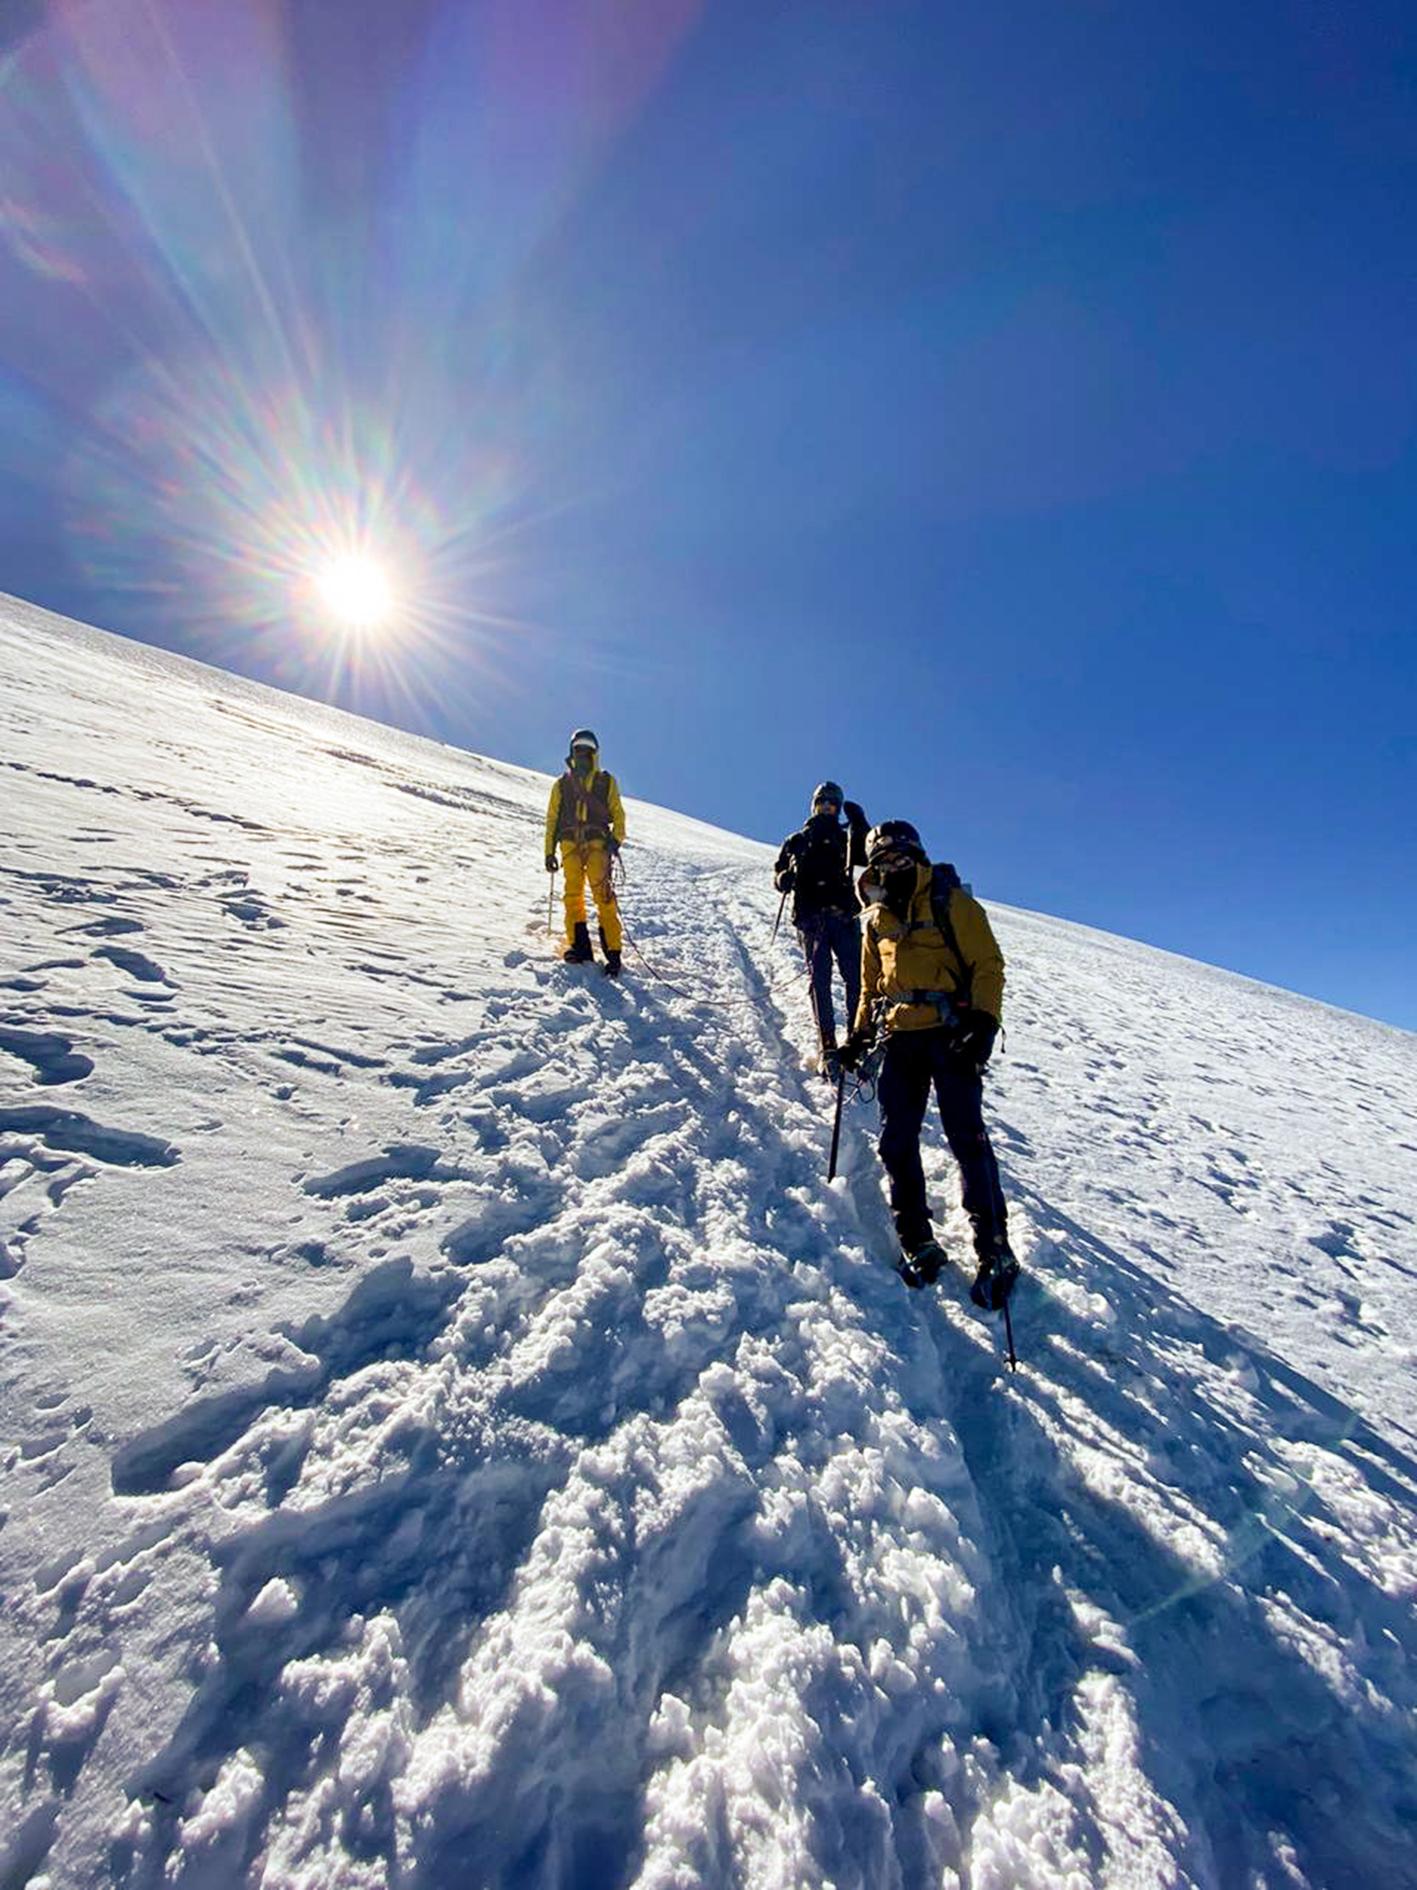 Bajando el glaciar, acordonados.